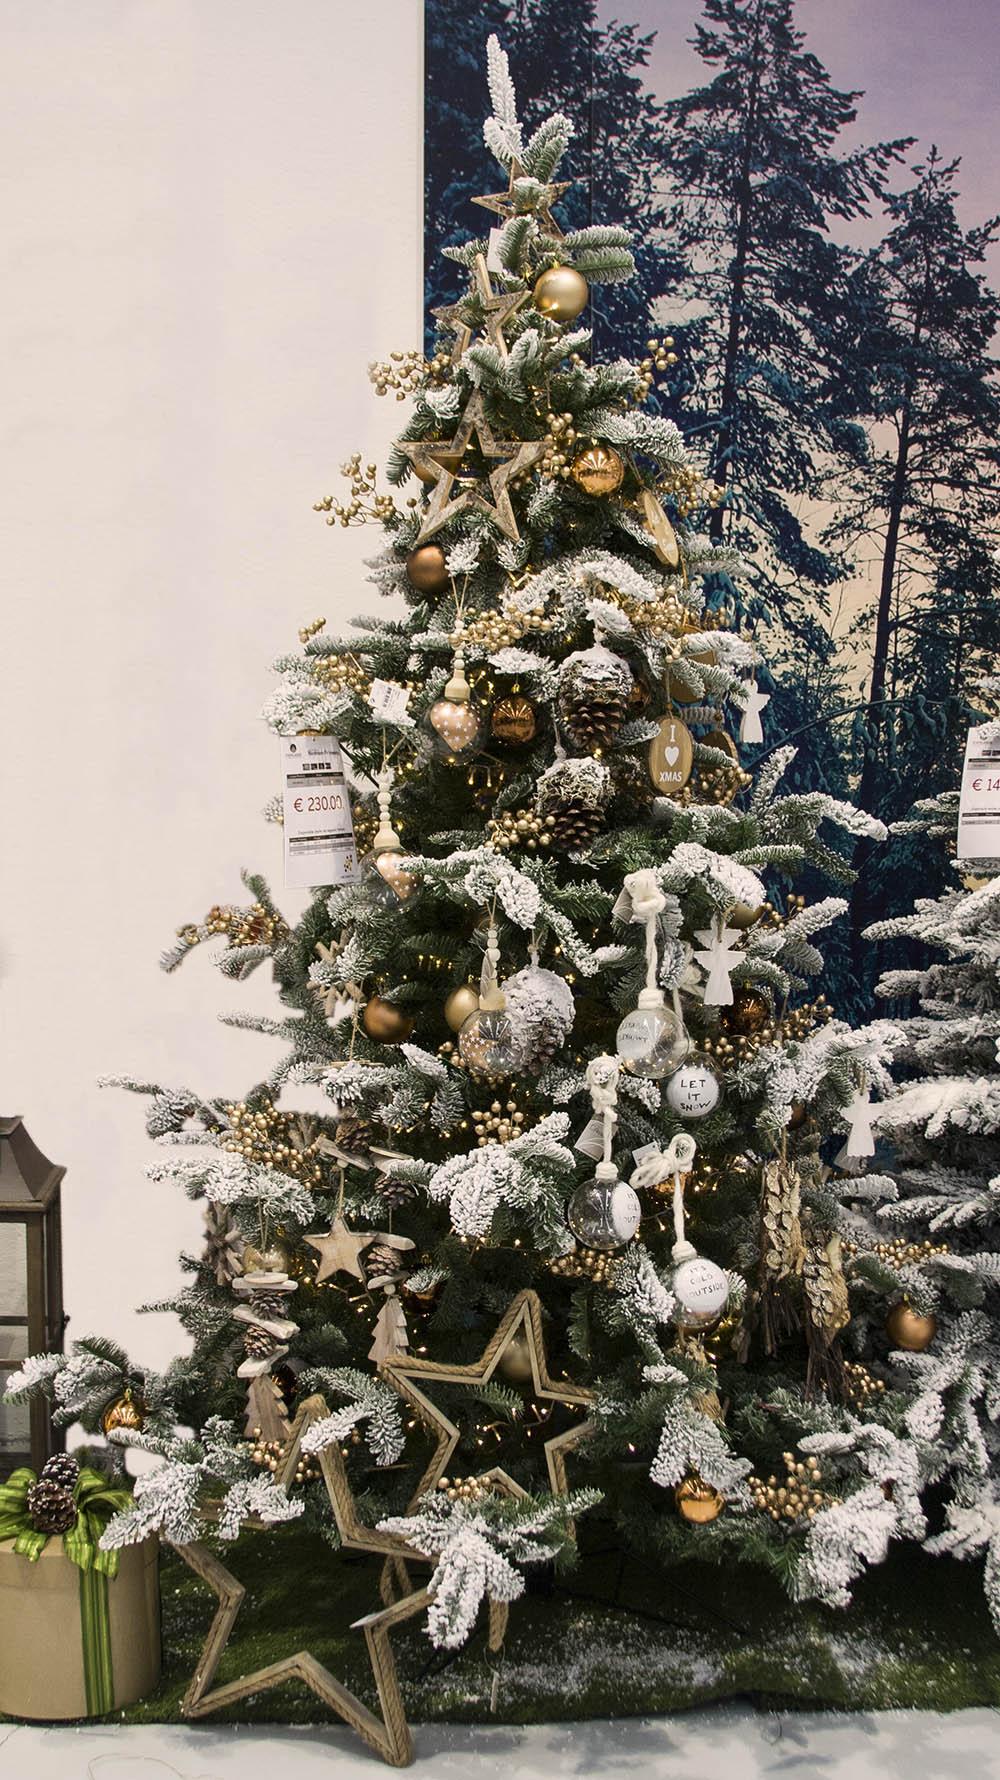 I nostri alberi di natale tendenze 2016 incartare for Obi albero di natale